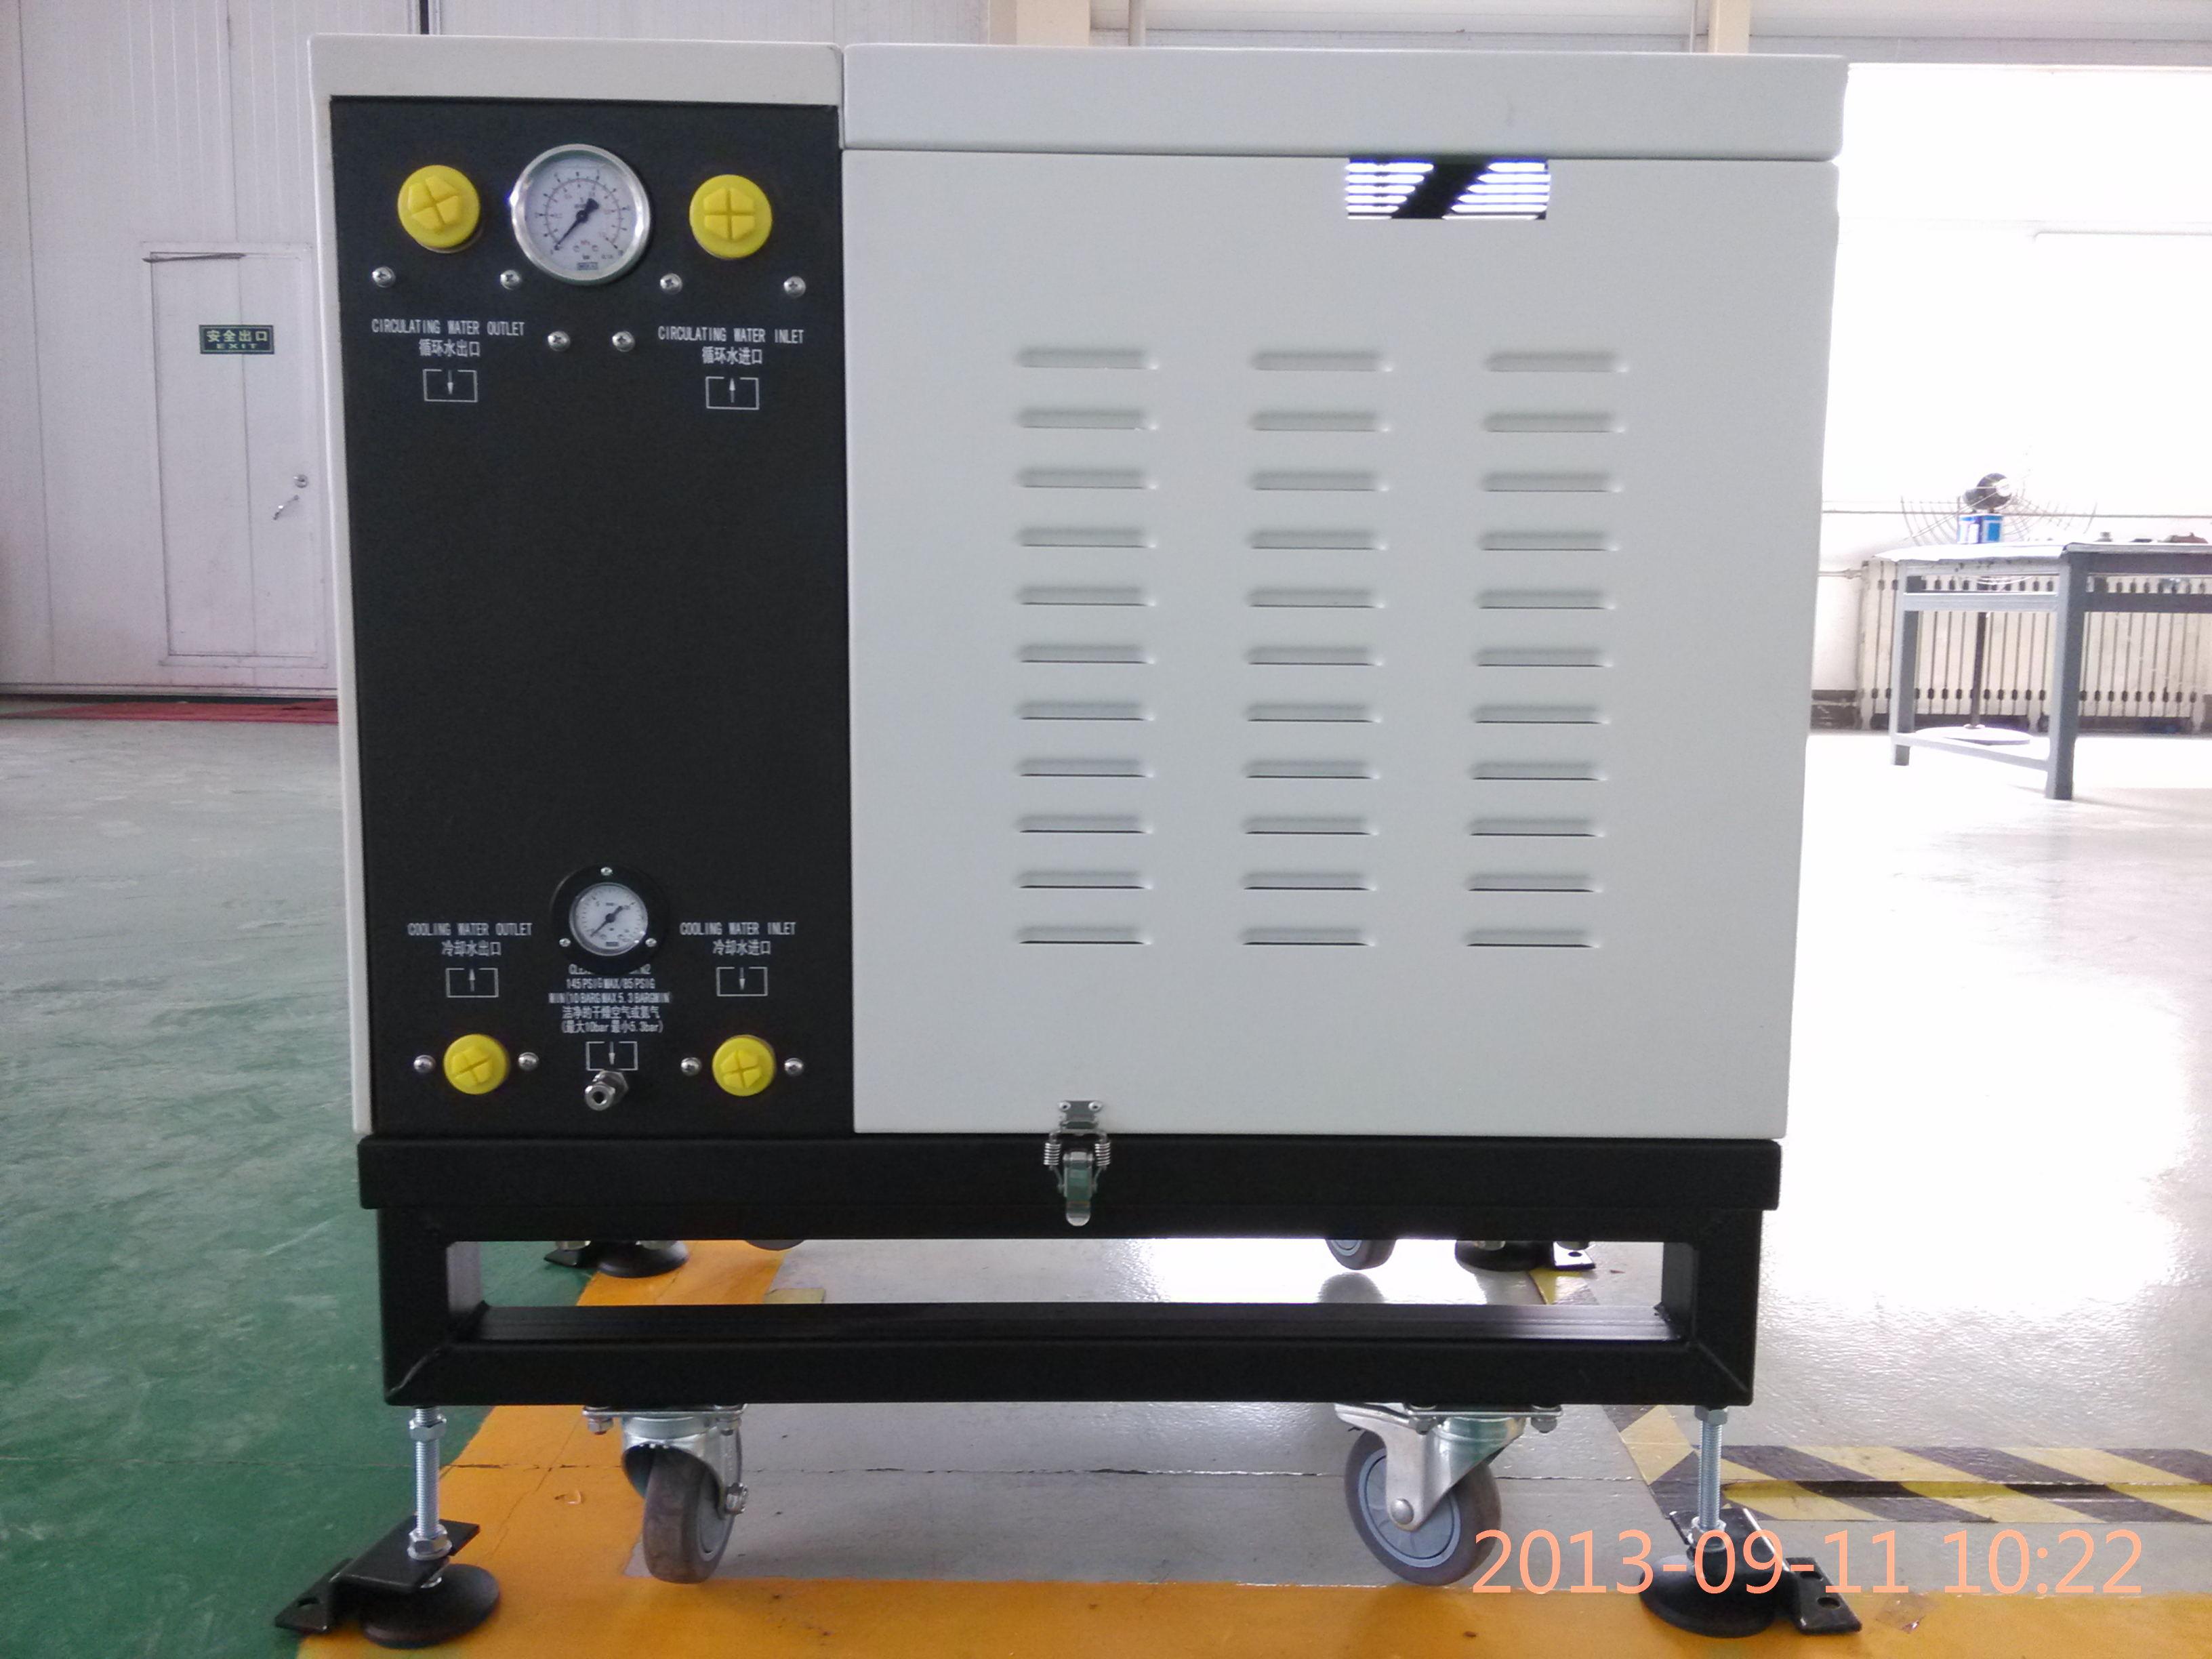 水-水热交换系统